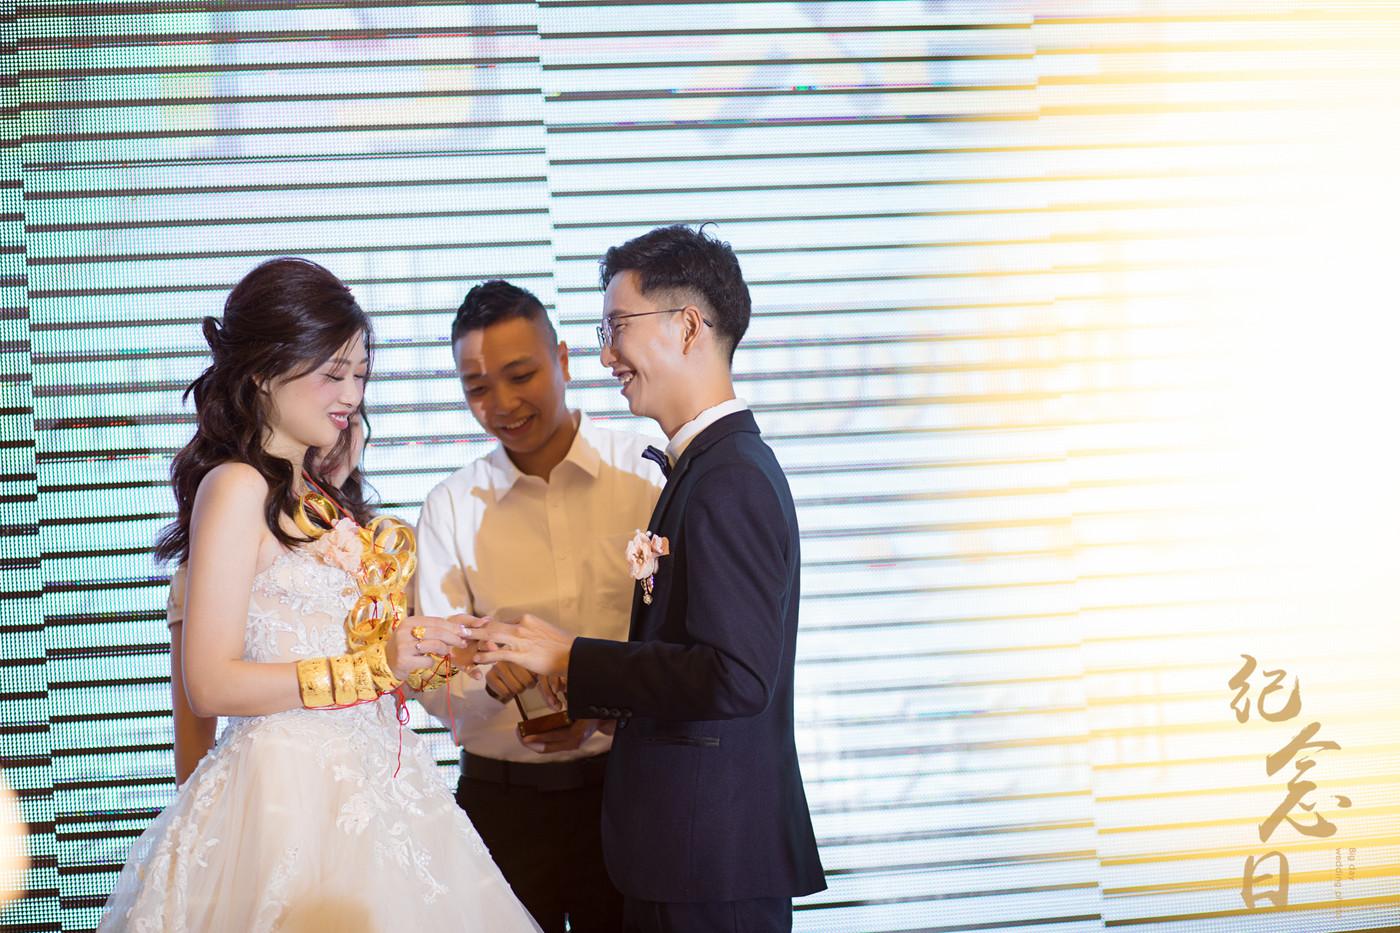 婚礼 | 志明&琳琳75